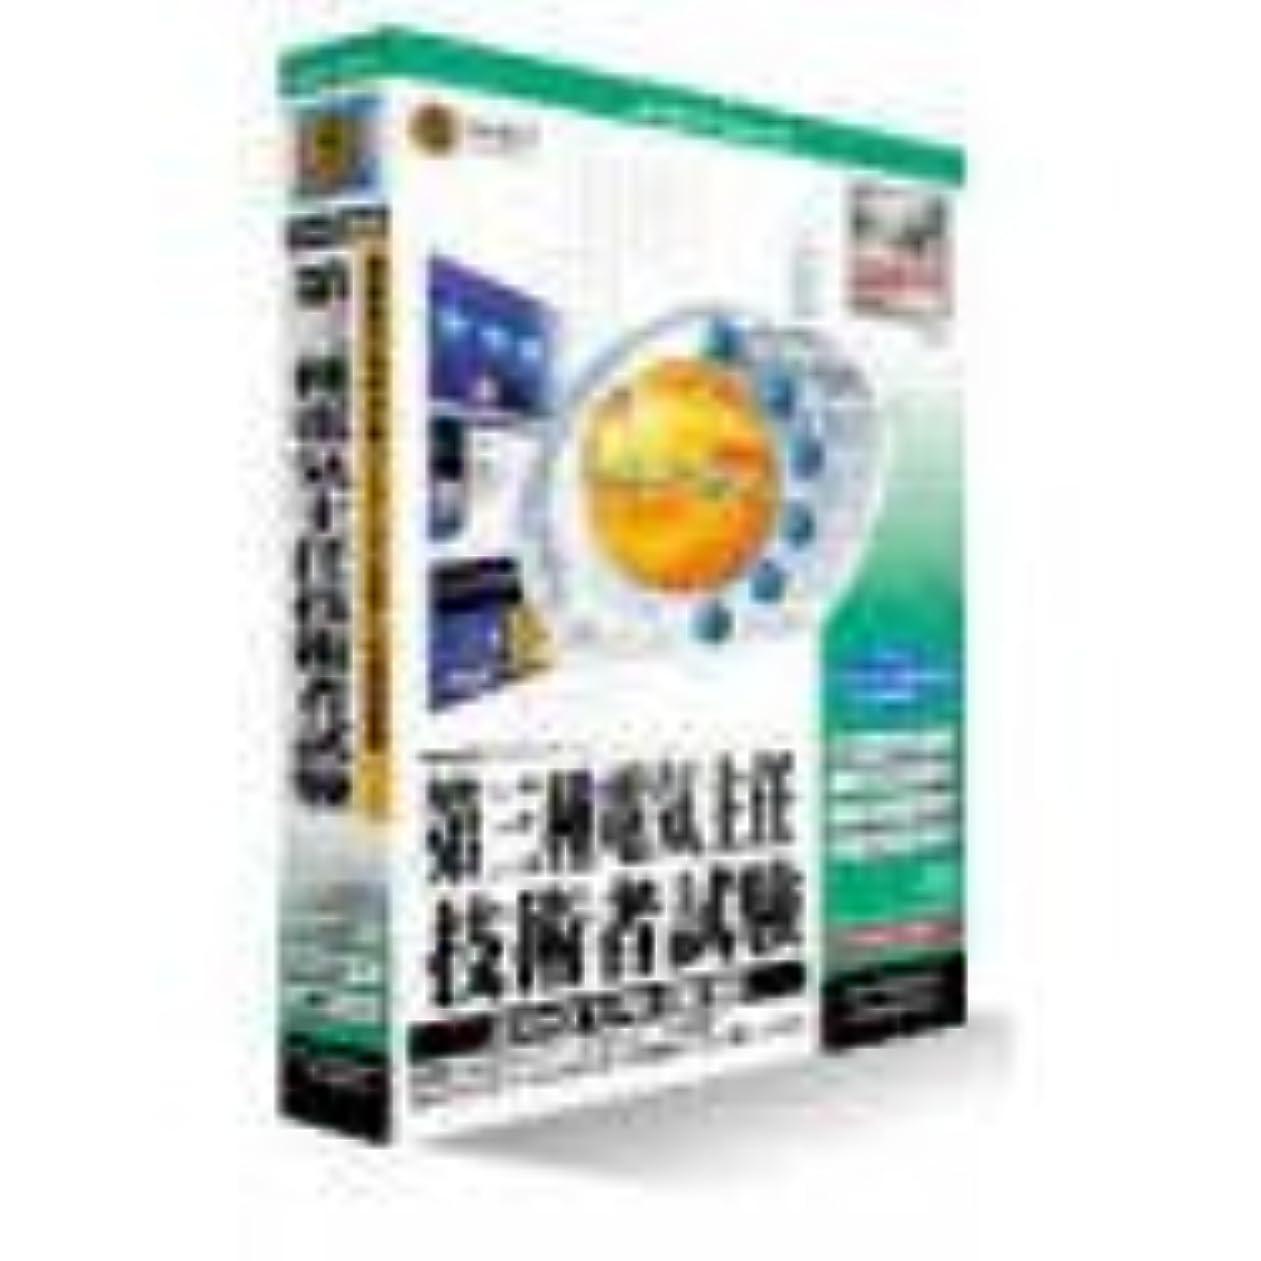 製品断片バイオレットmedia5 Special 資格試験サクセスシリーズ 第三種電気主任技術者試験 2002年度版